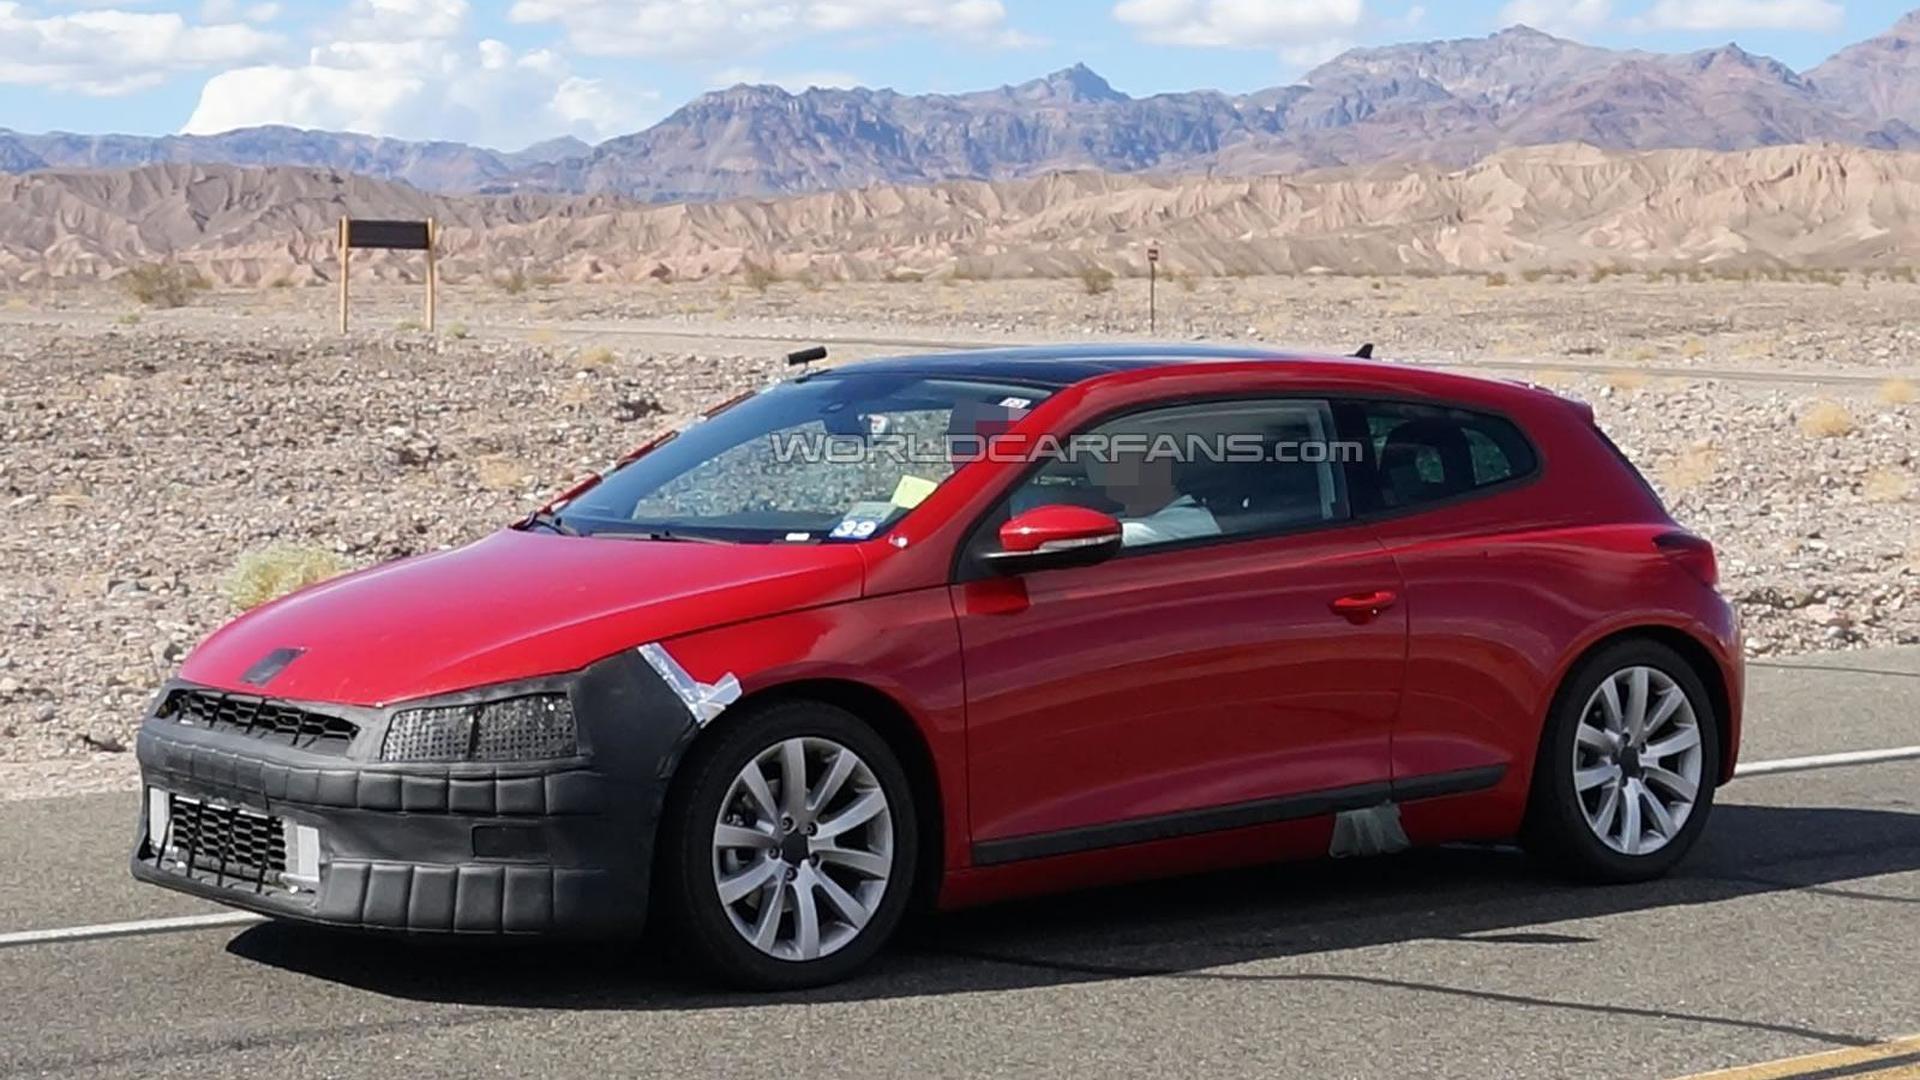 Volkswagen scirocco for sale in usa - Volkswagen Scirocco For Sale In Usa 52